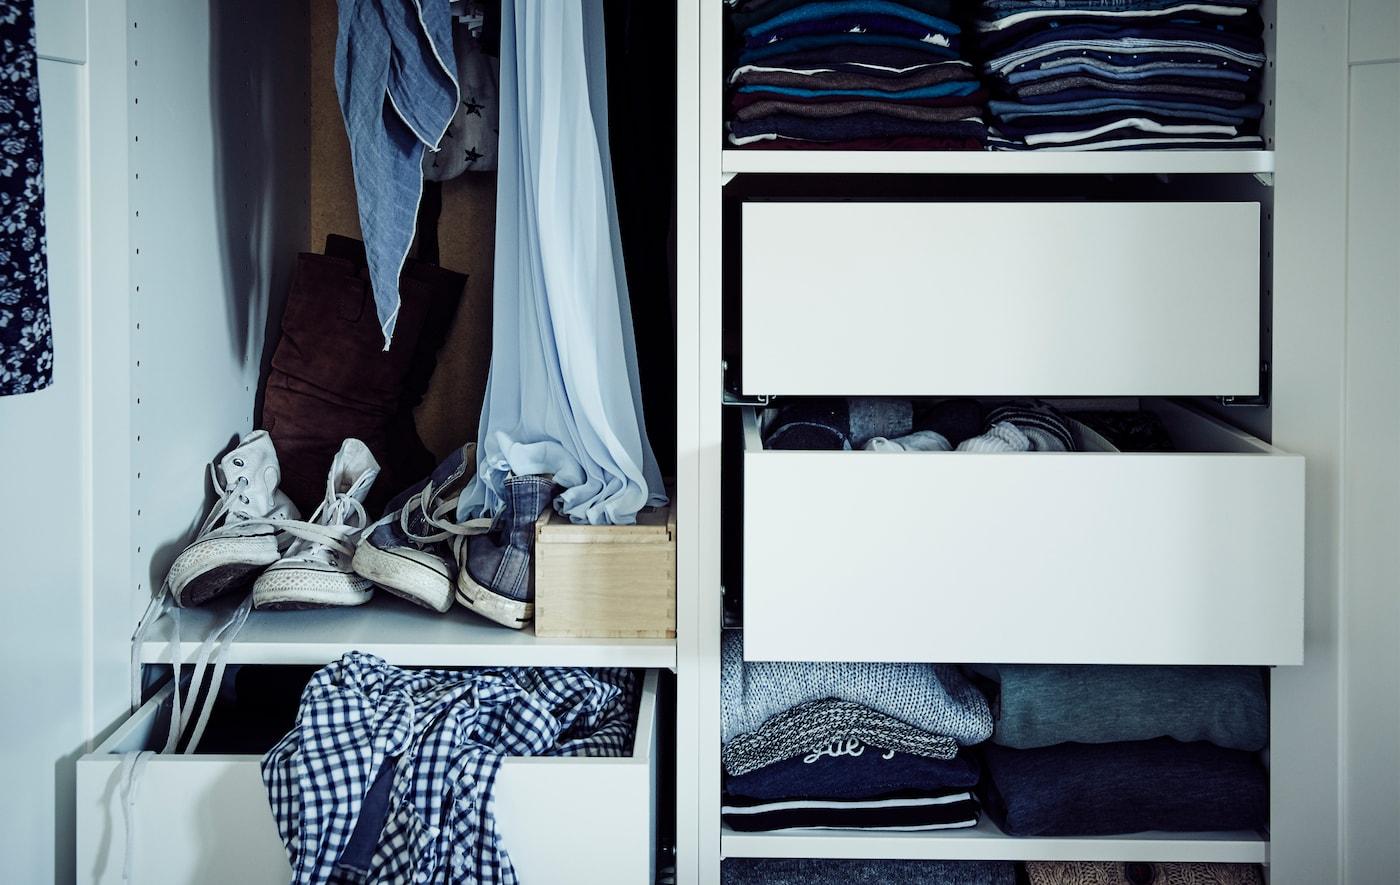 Kleiderschrank Umgestalten Neu Organisieren Ikea Deutschland